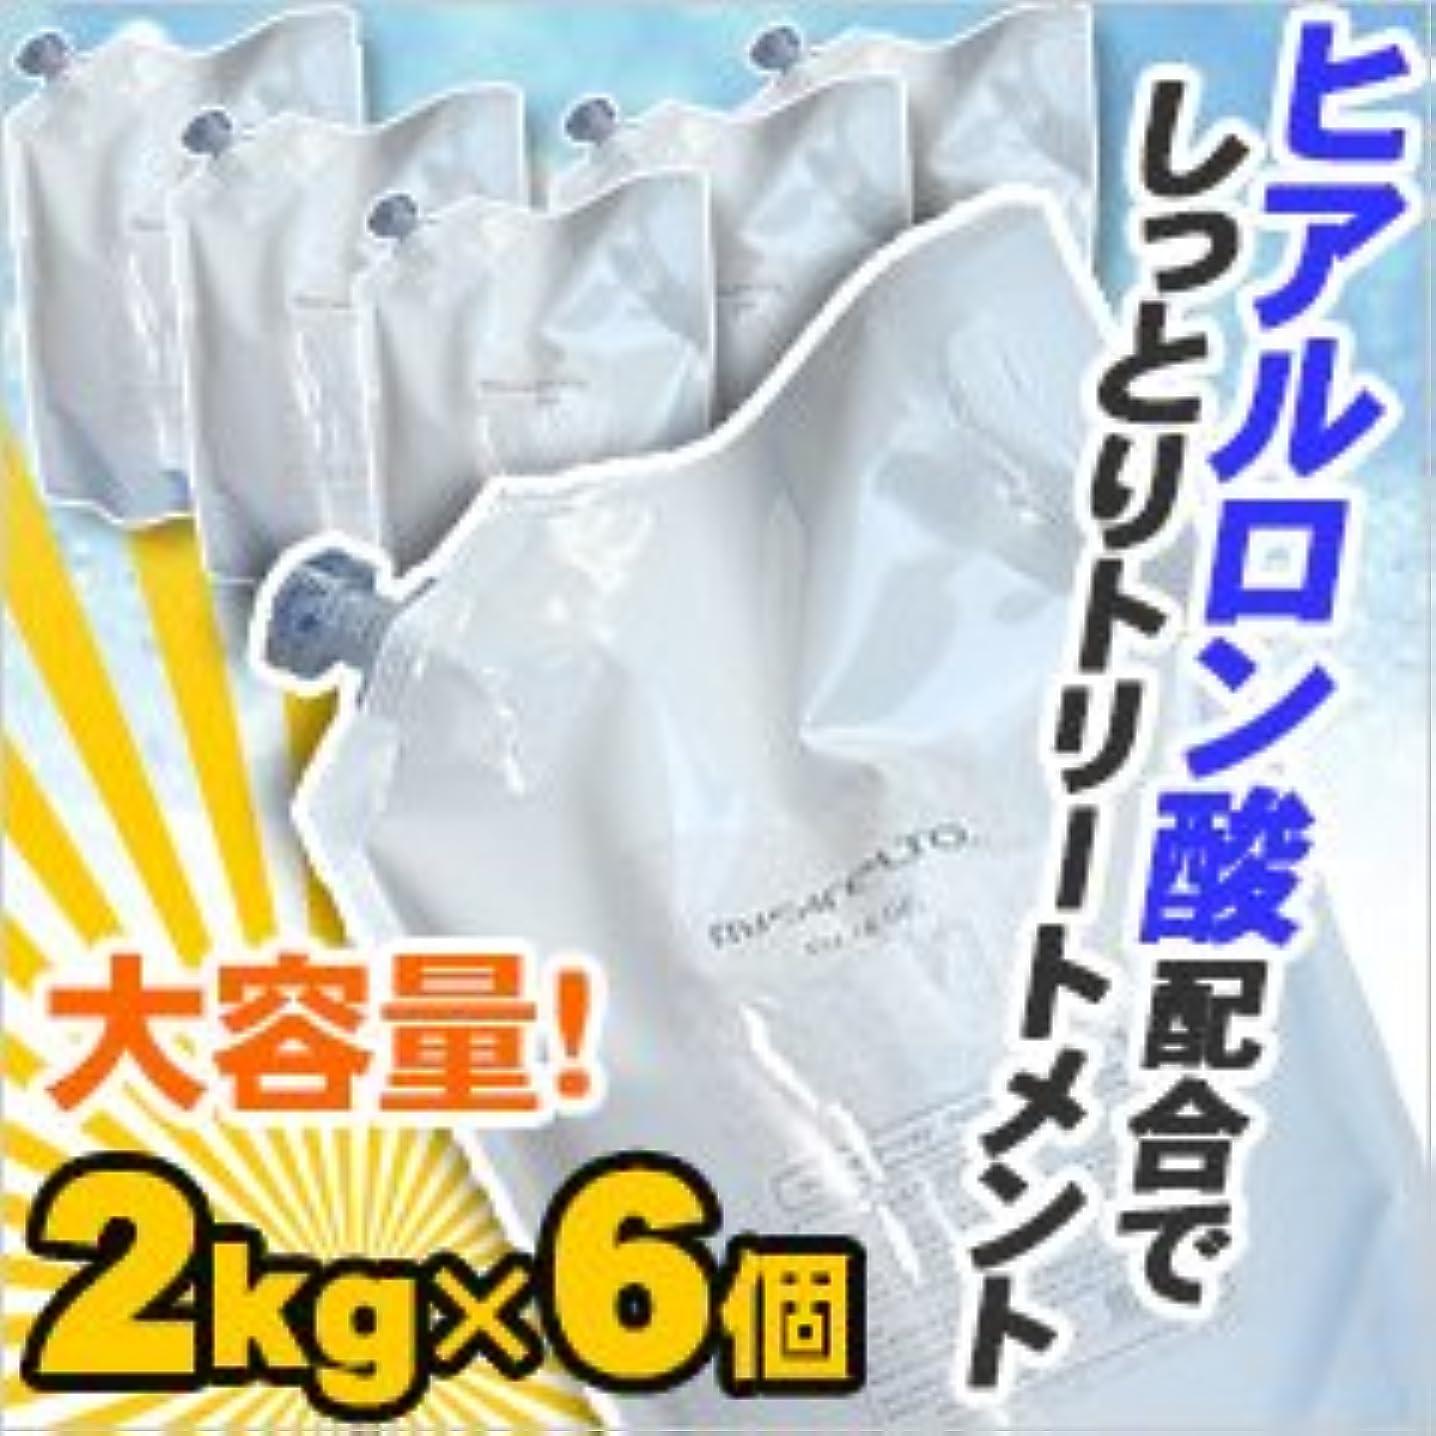 可愛い承認するペグ国産 CLEARジェル2kg×6個  【脱毛?キャビ?フォト?ソニック用マルチジェル】